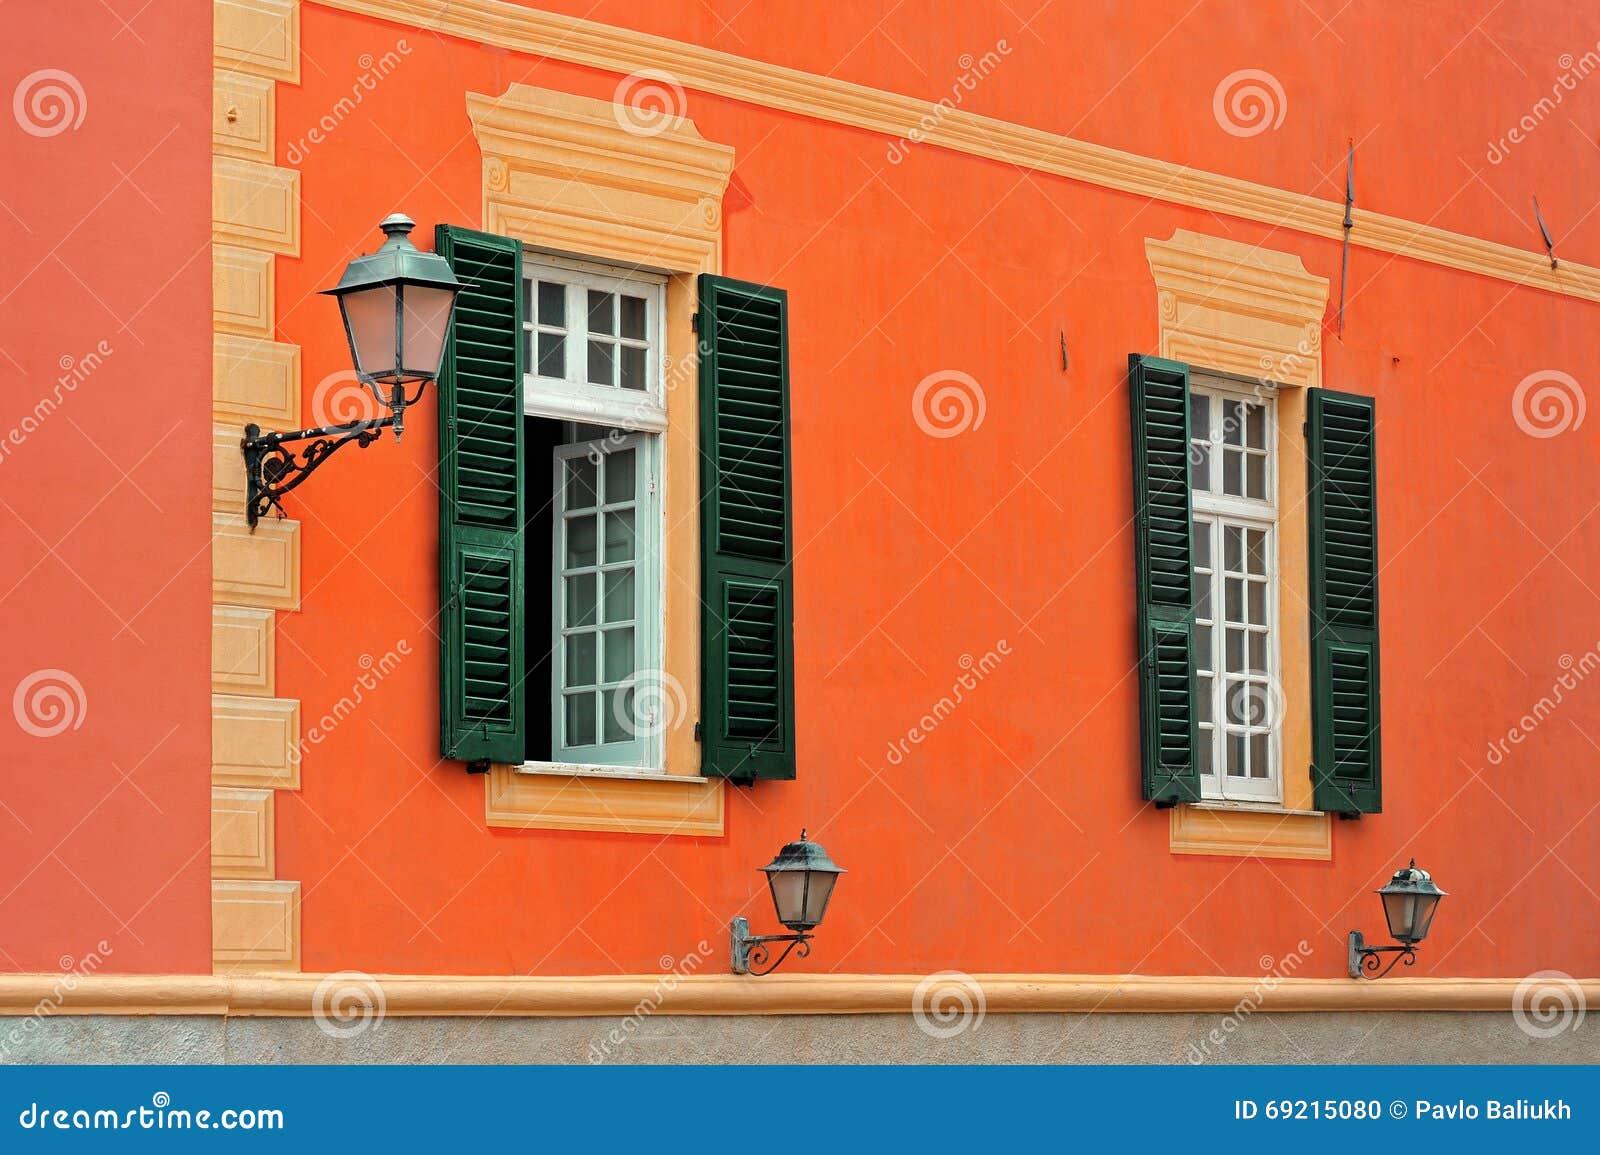 Klassieke Italiaanse Lampen : De italiaanse klassieke voorgevel met shuttered vensters en lamp